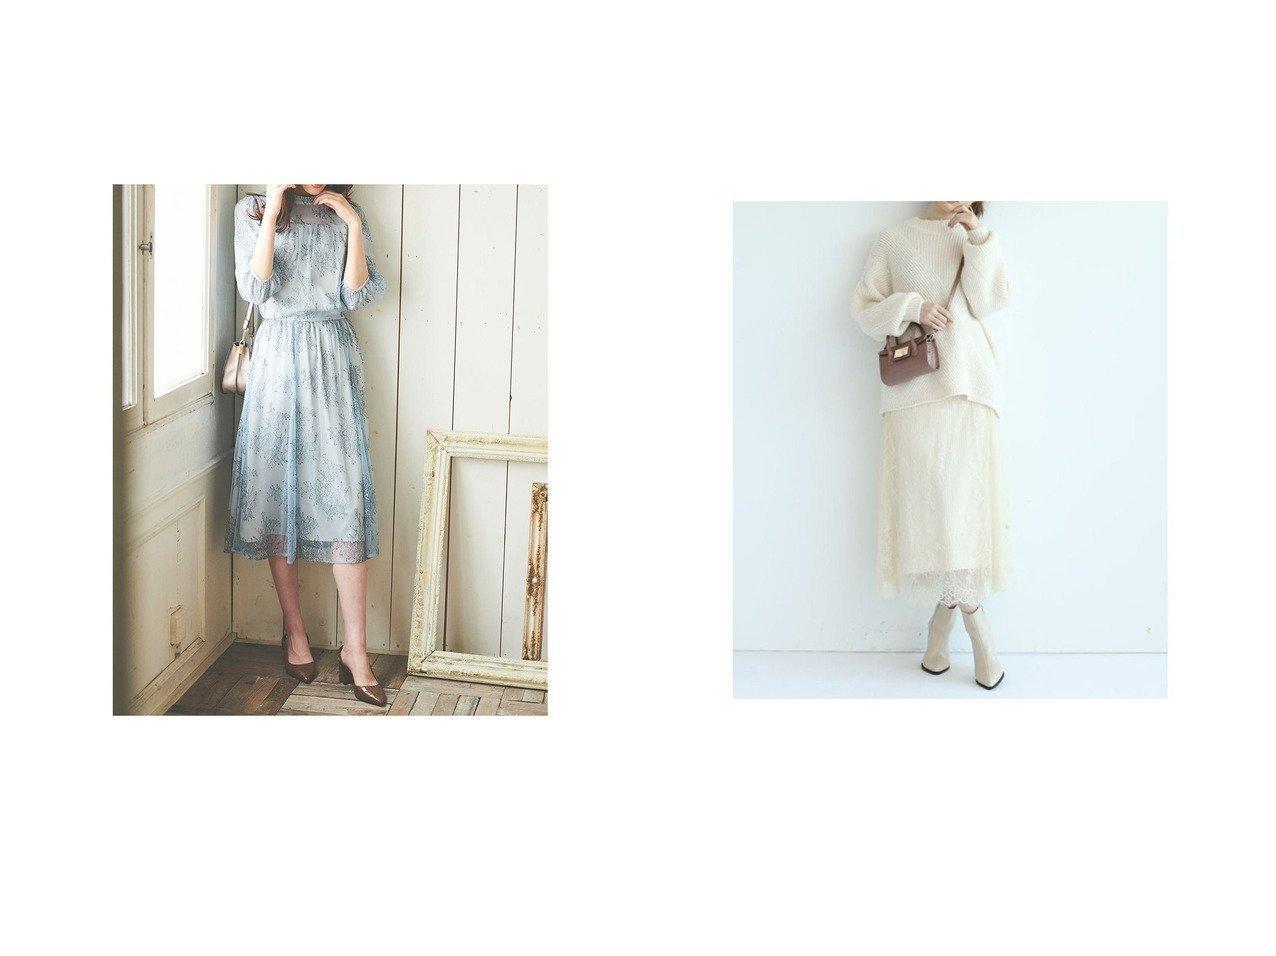 【31 Sons de mode/トランテアン ソン ドゥ モード】の【セットアップ】レースセットアップ&【Apuweiser-riche/アプワイザーリッシェ】の2wayレーススカートセットニットアップ゜ ワンピース・ドレスのおすすめ!人気、レディースファッションの通販 おすすめで人気のファッション通販商品 インテリア・家具・キッズファッション・メンズファッション・レディースファッション・服の通販 founy(ファニー) https://founy.com/ ファッション Fashion レディース WOMEN セットアップ Setup スカート Skirt アクセサリー インナー コラボ シアー シフォン シューズ シンプル ジャケット スリーブ セットアップ タートルネック デコルテ 定番 ハイネック フェミニン ブルゾン プリーツ ベーシック レース ロング 秋冬 A/W Autumn/ Winter 冬 Winter アクリル スリット ロマンティック |ID:crp329100000001876